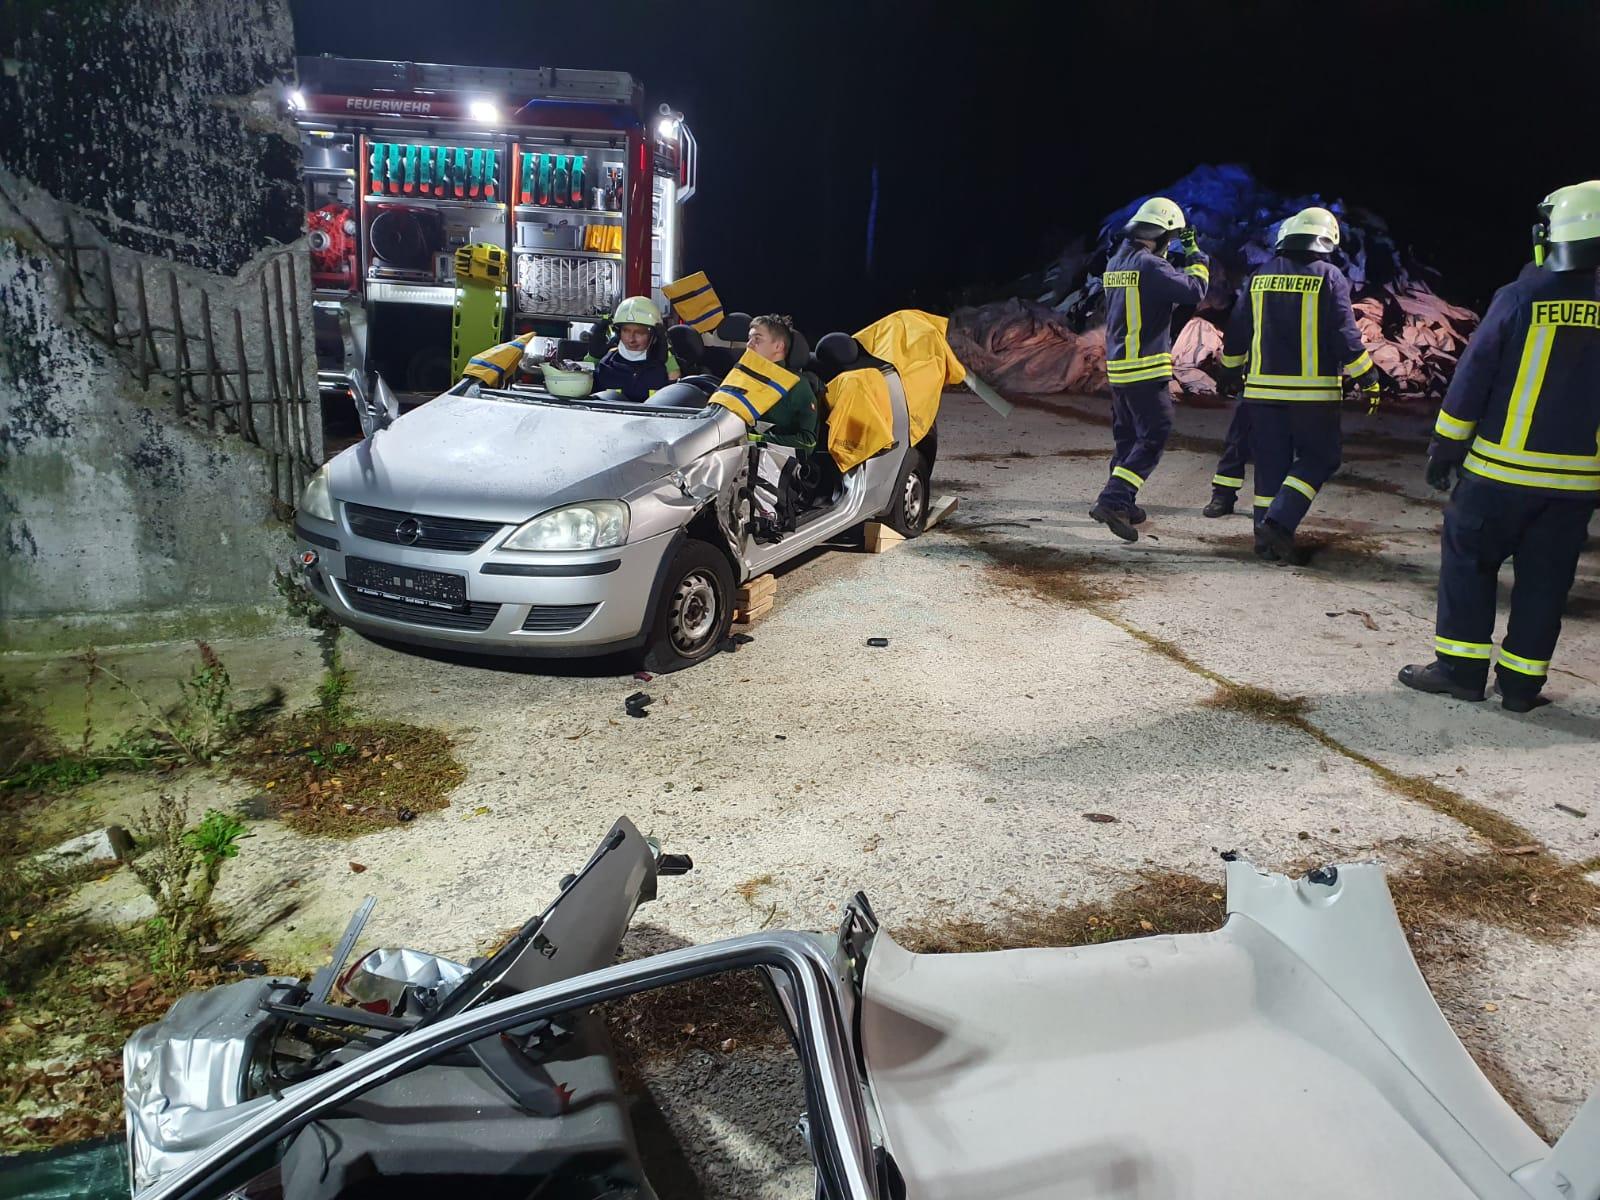 2019-10-23_Feuerwehr-trainiert-Verkehrsunfallhilfe_16